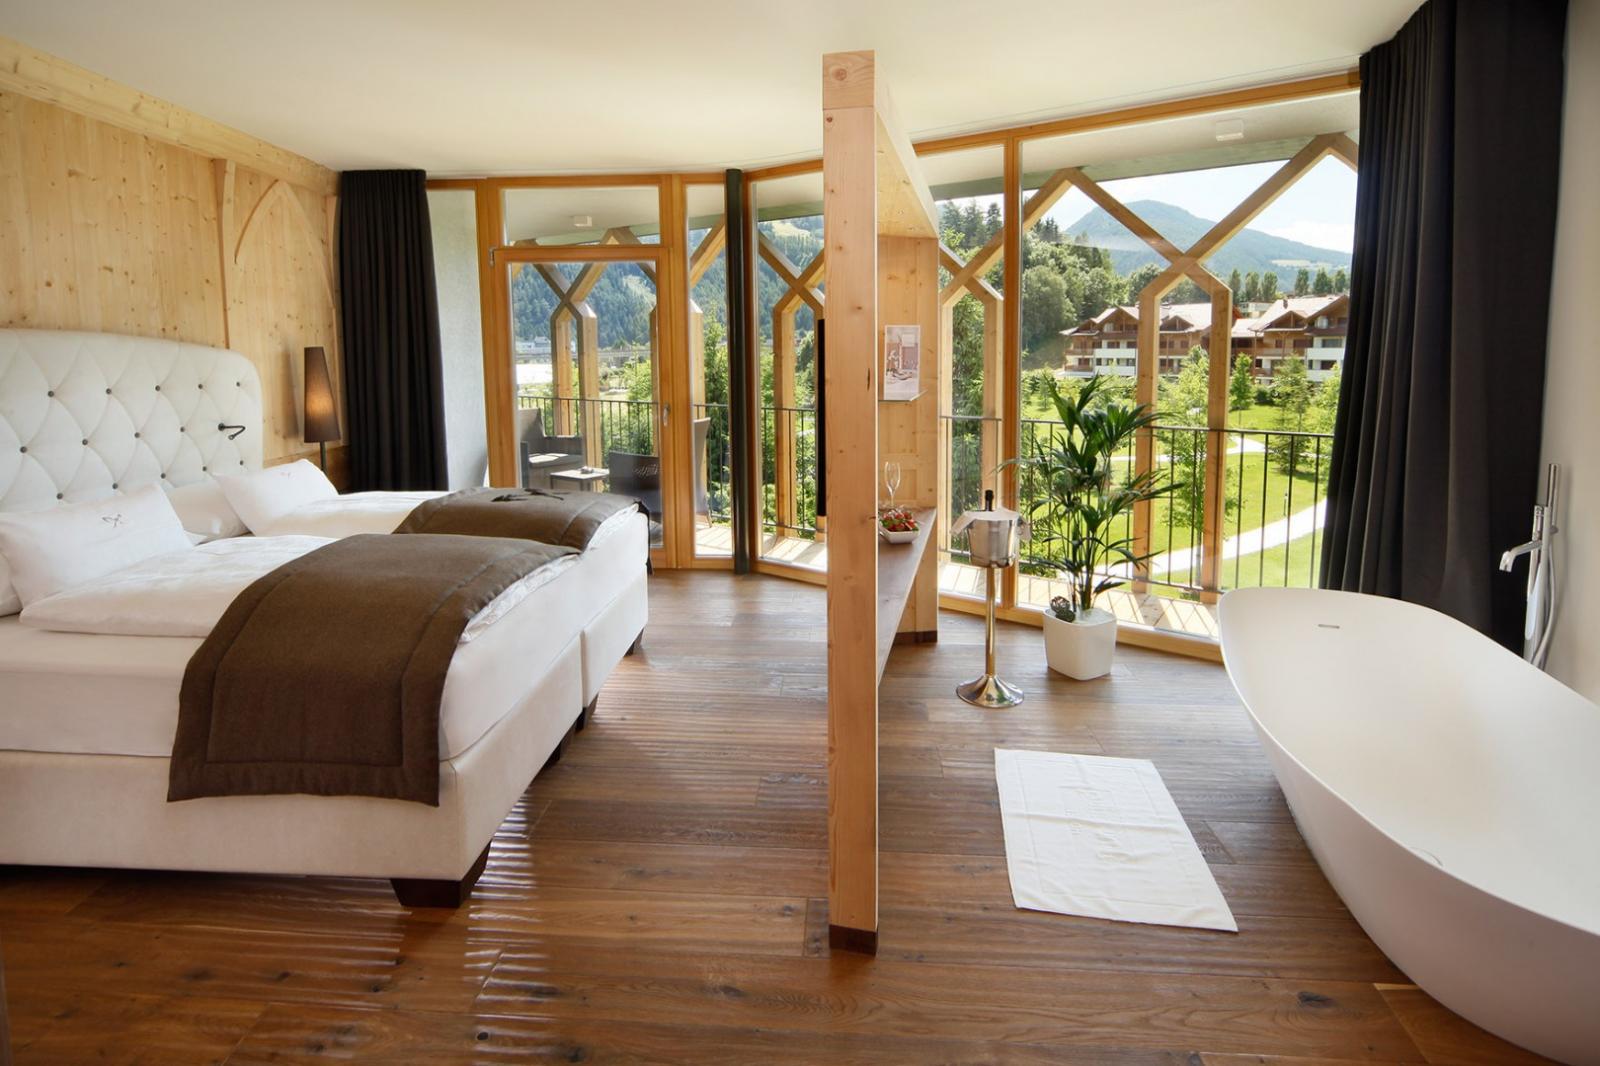 Bioelektrische-Impedanz-Analyse (BIA): Foto vom Wellnesshotel Hotel Zum Engel | Wellness Südtirol